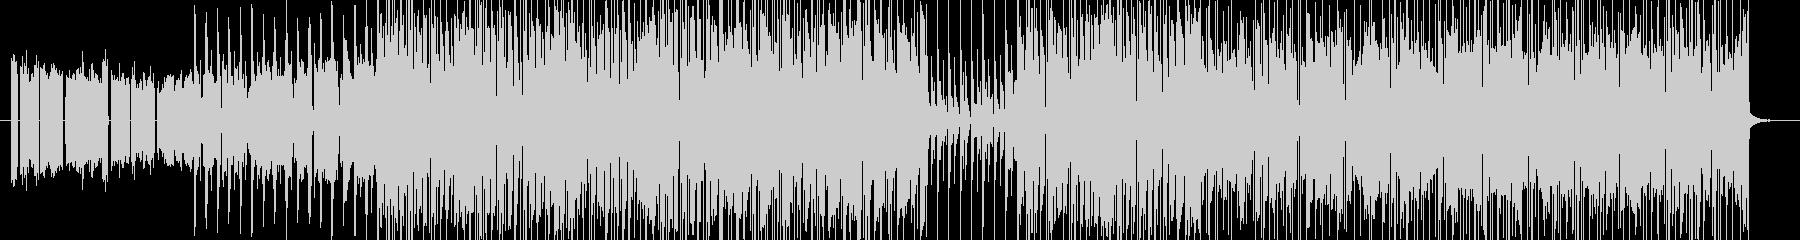 シンセの繰返しフレーズが印象的なEDMの未再生の波形